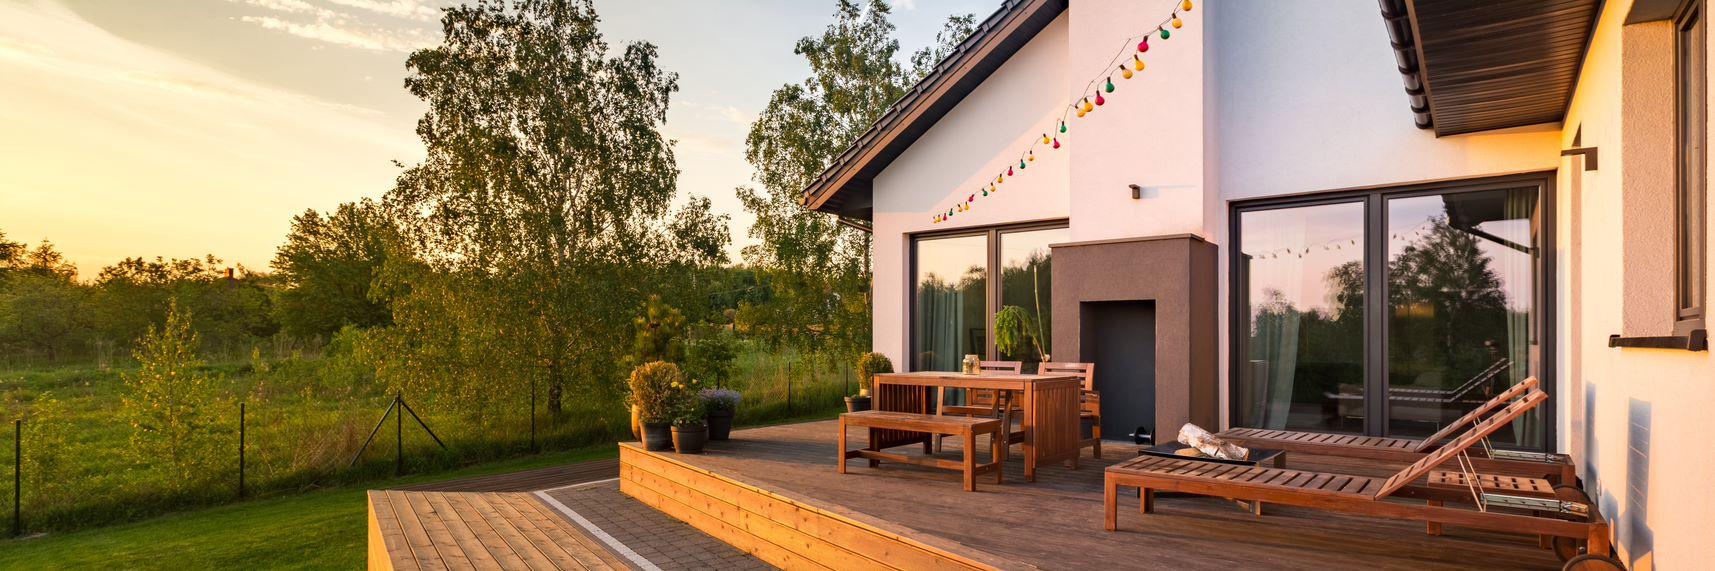 La terrasse plein Sud un espace chaleureux en soirée.